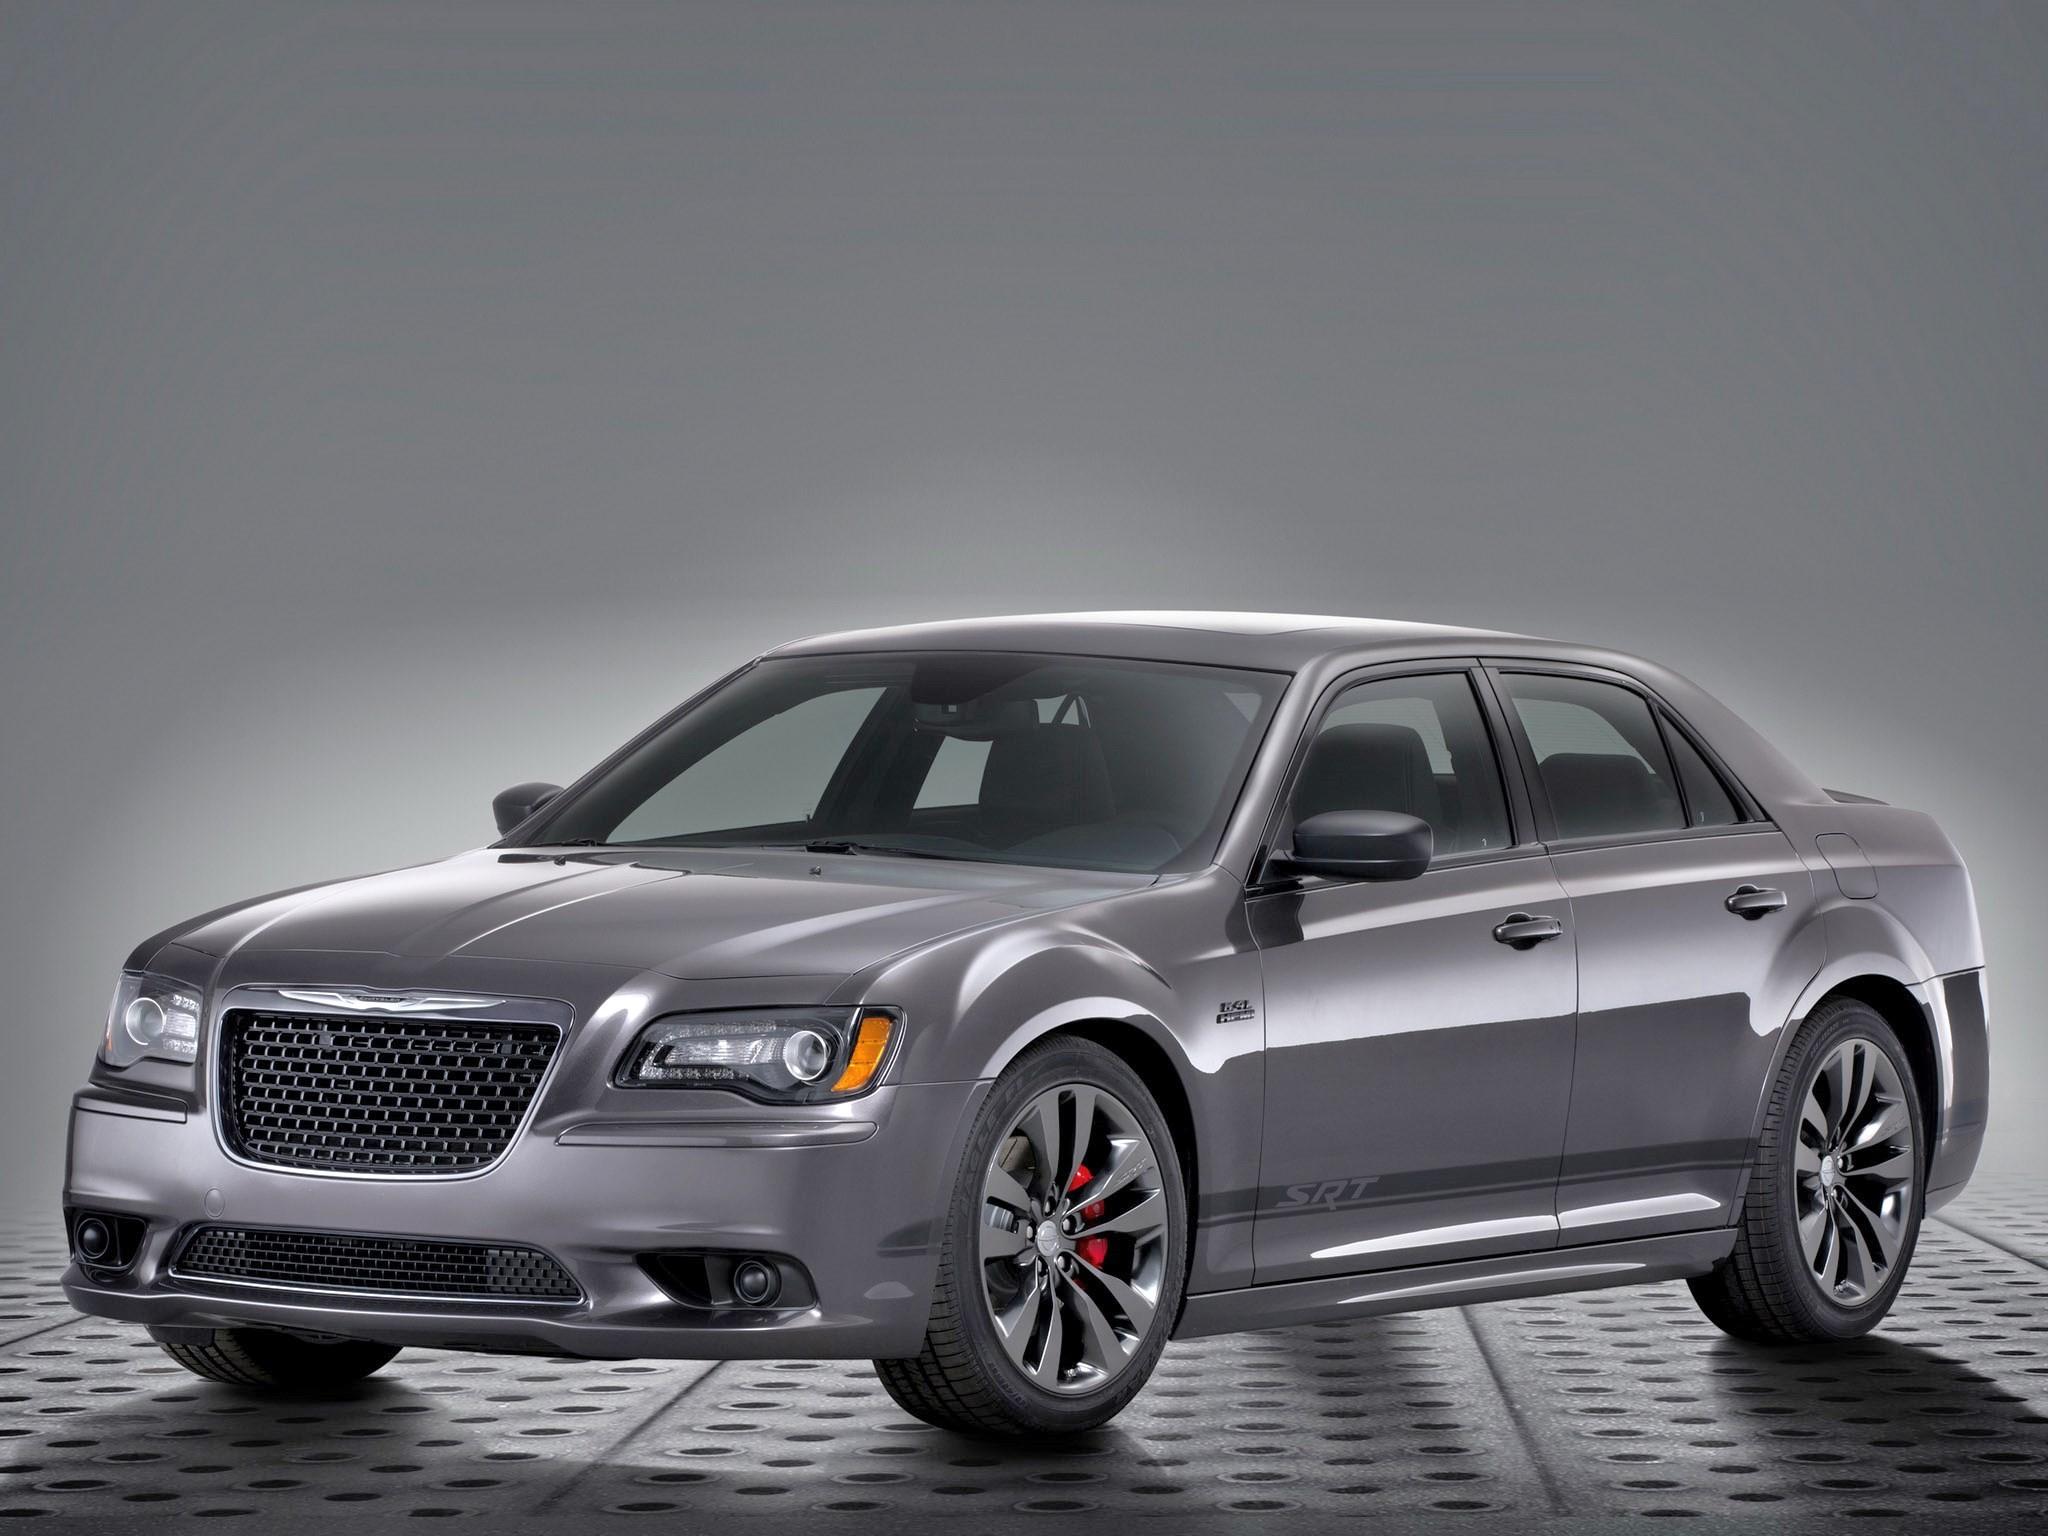 2014 Chrysler 300 SRT8 Satin Vapor